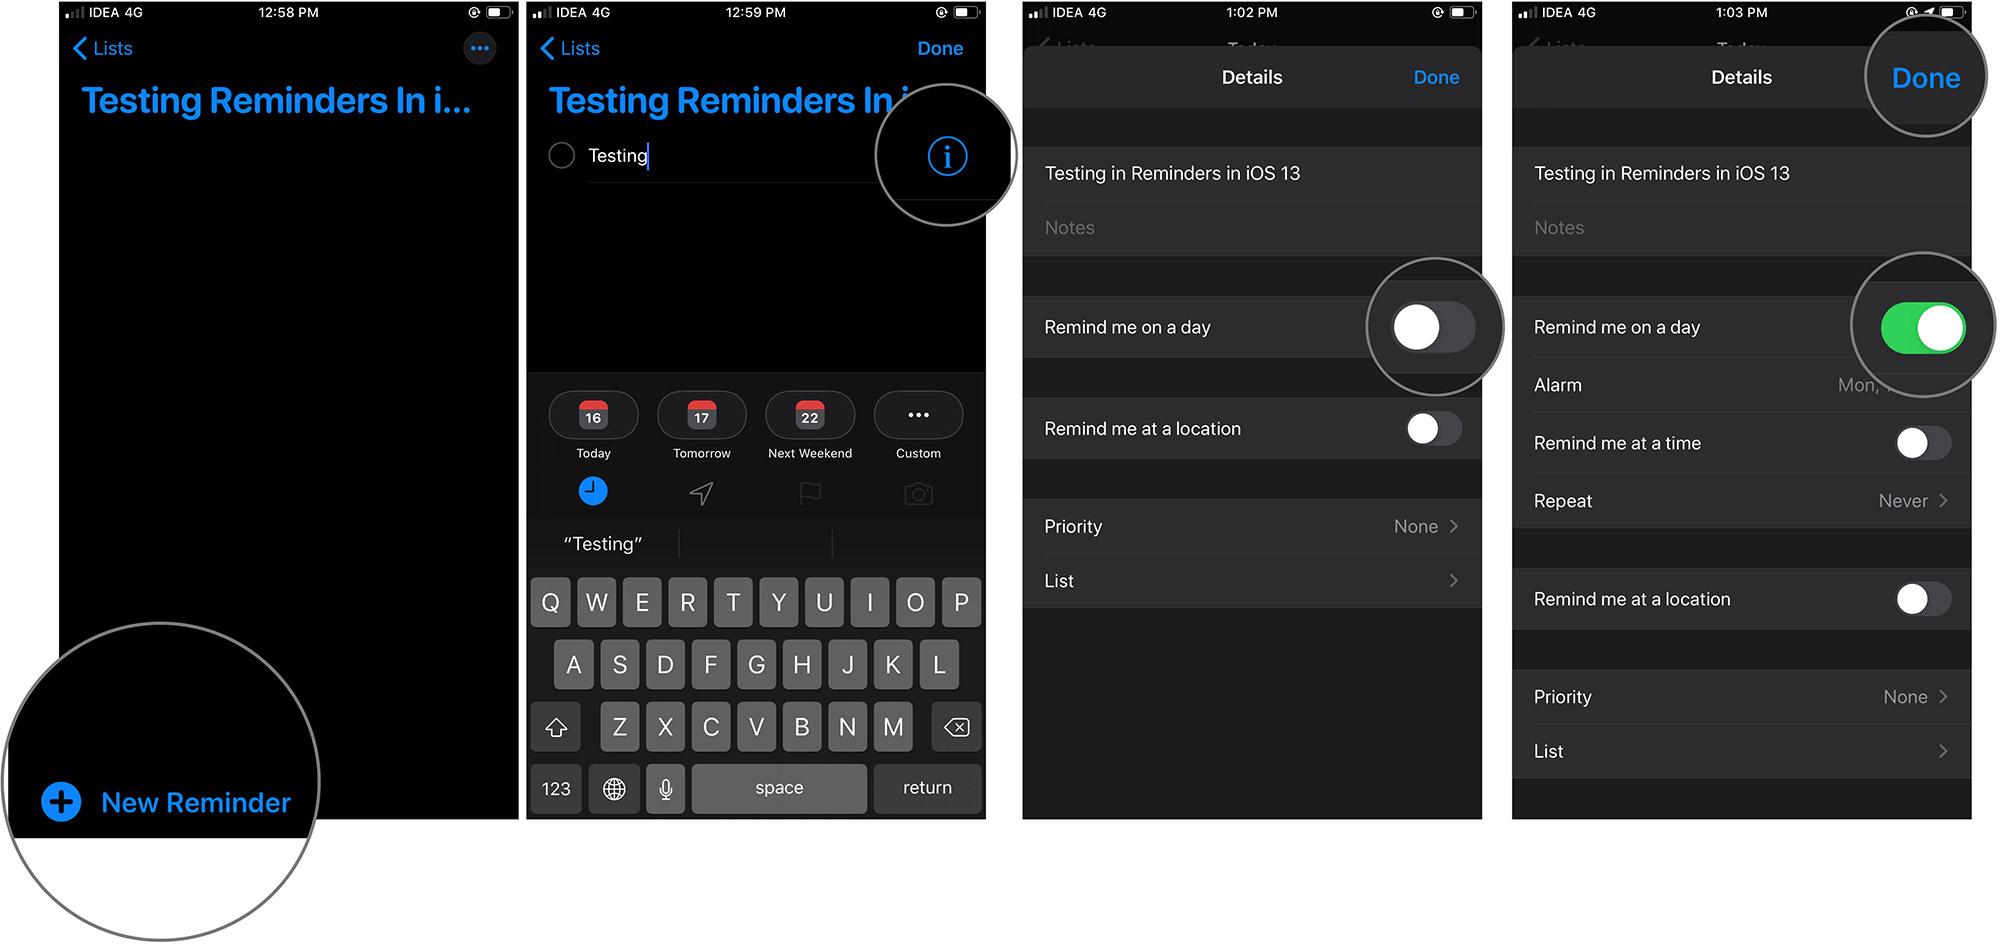 Listede Yeni Hatırlatıcı Oluşturma ve iOS'ta Hatırlatıcı Ayarlamak için Seçenek Seçme 13